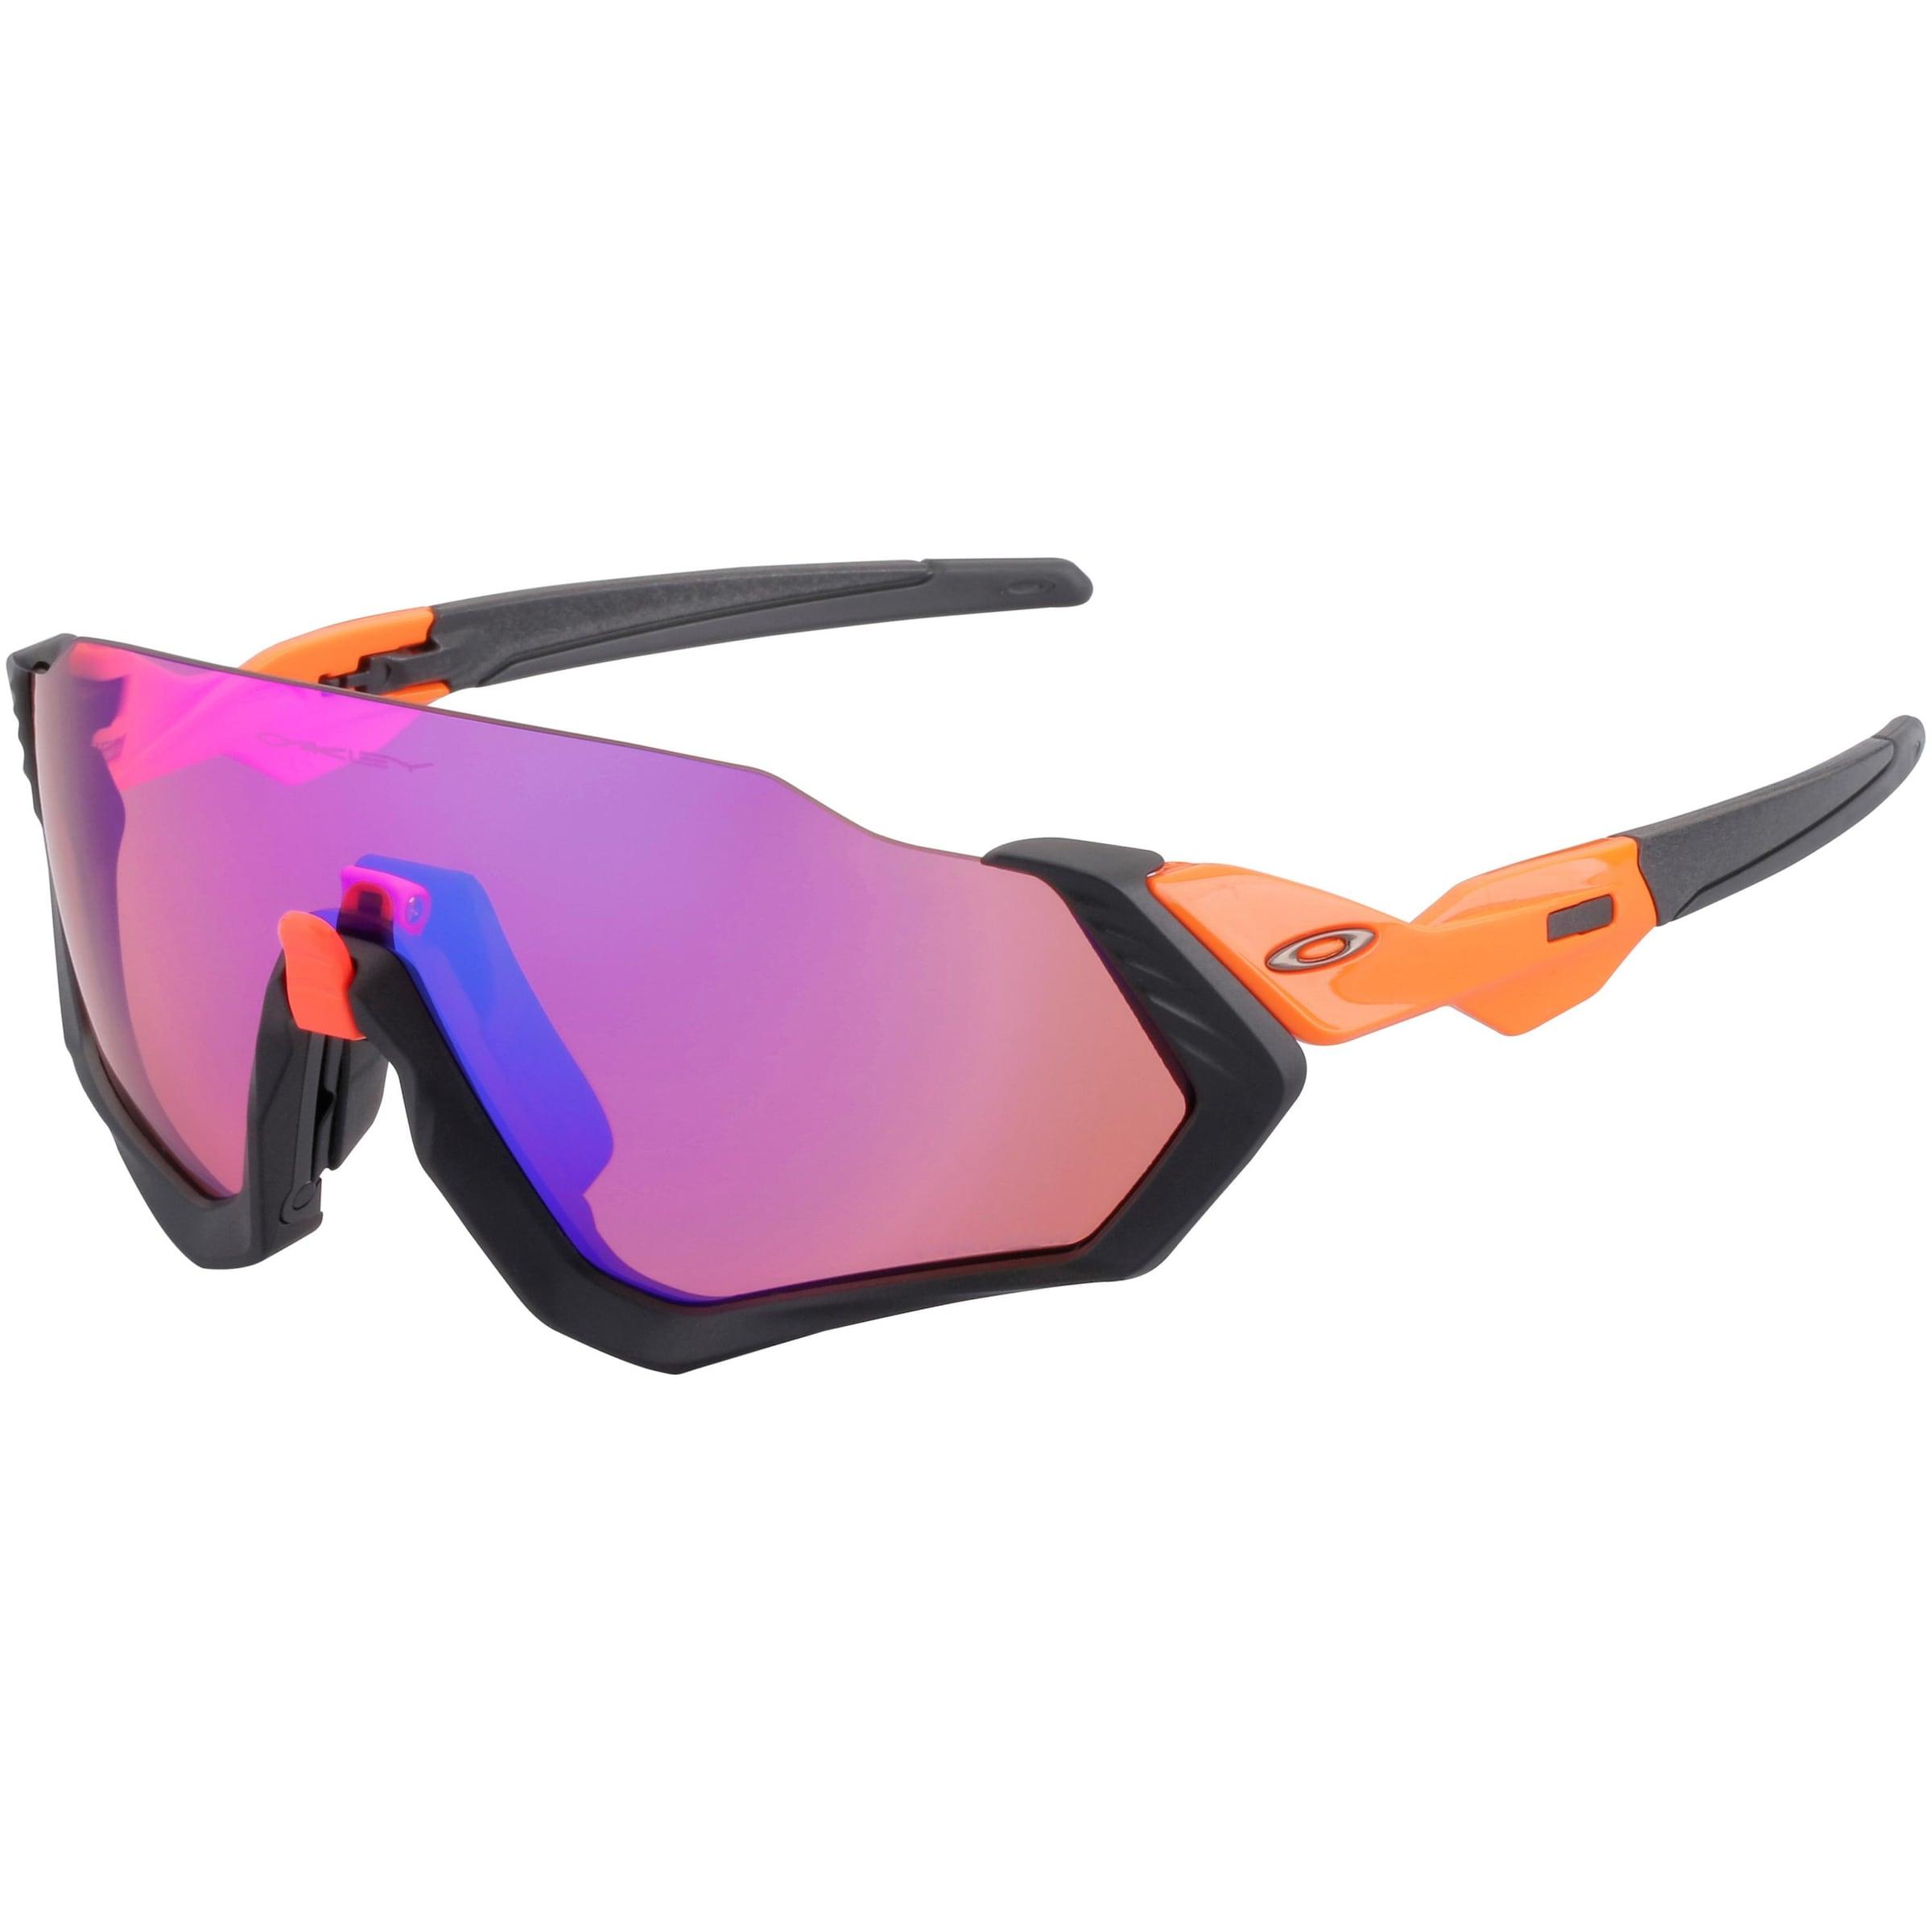 Schwarz 'flight Sonnenbrille LilaNeonorange Oakley Jacket' In tQChrsd